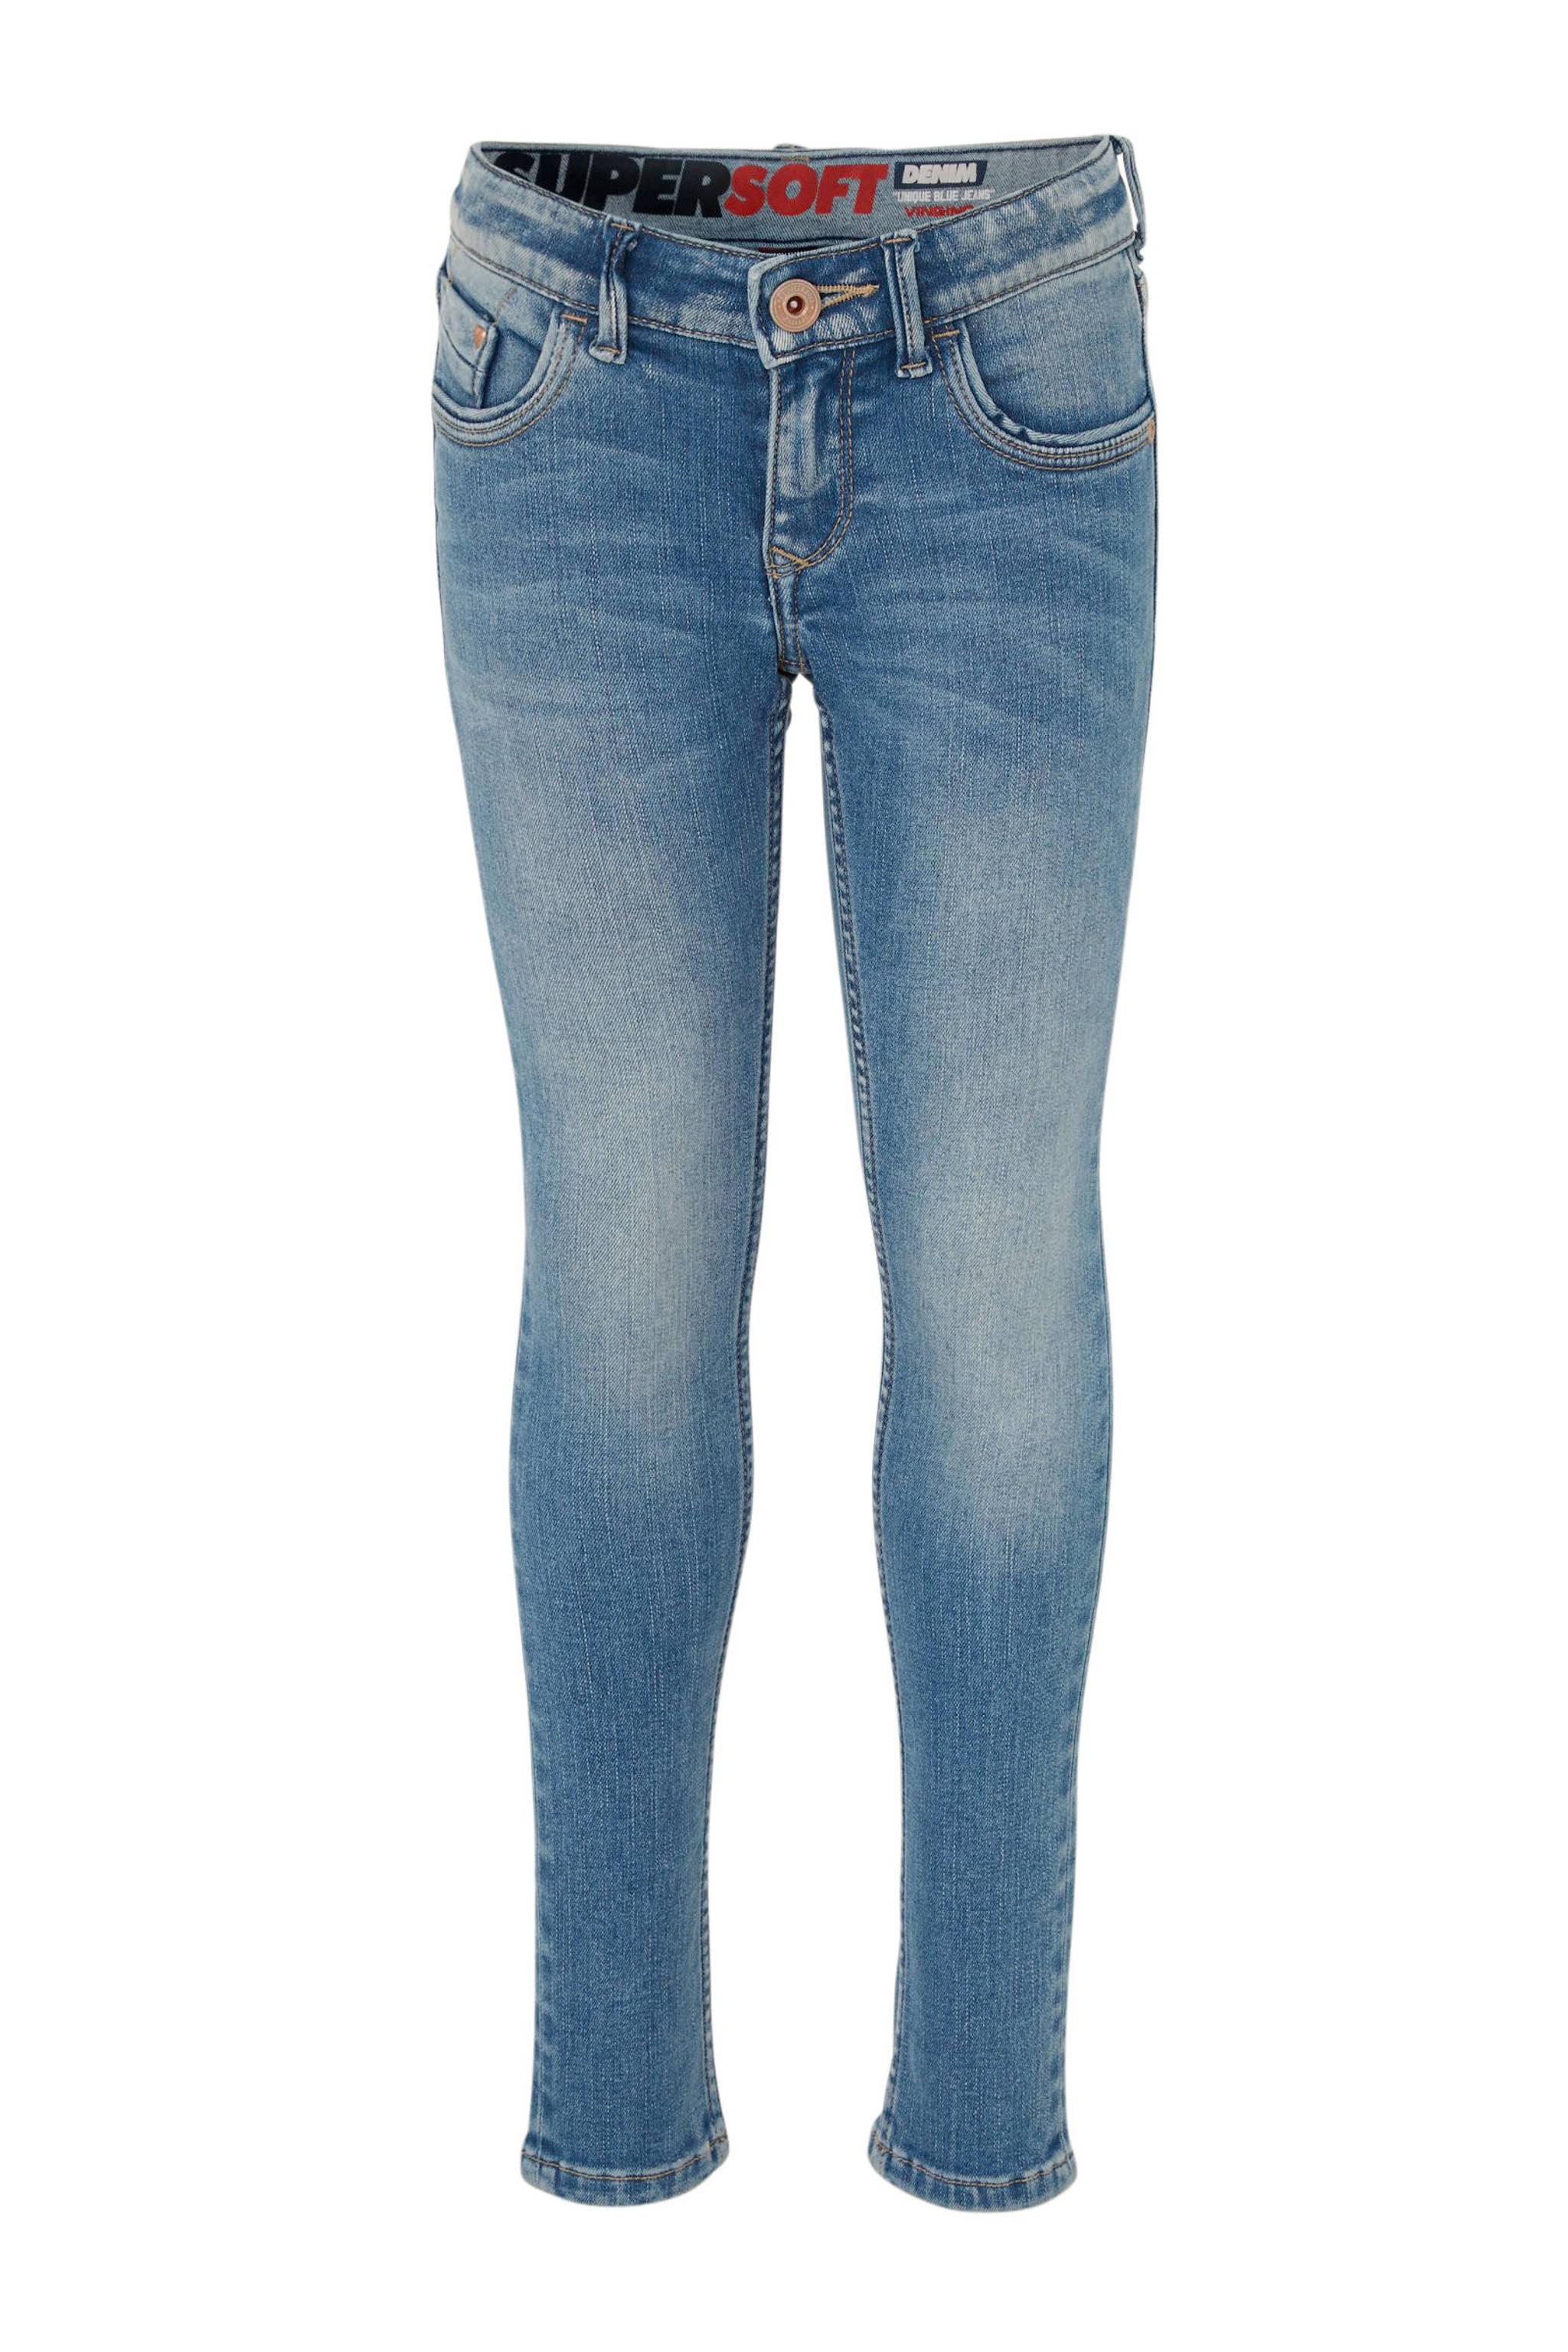 goedkoper rijgen in op voet schoten van skinny jeans Amiche